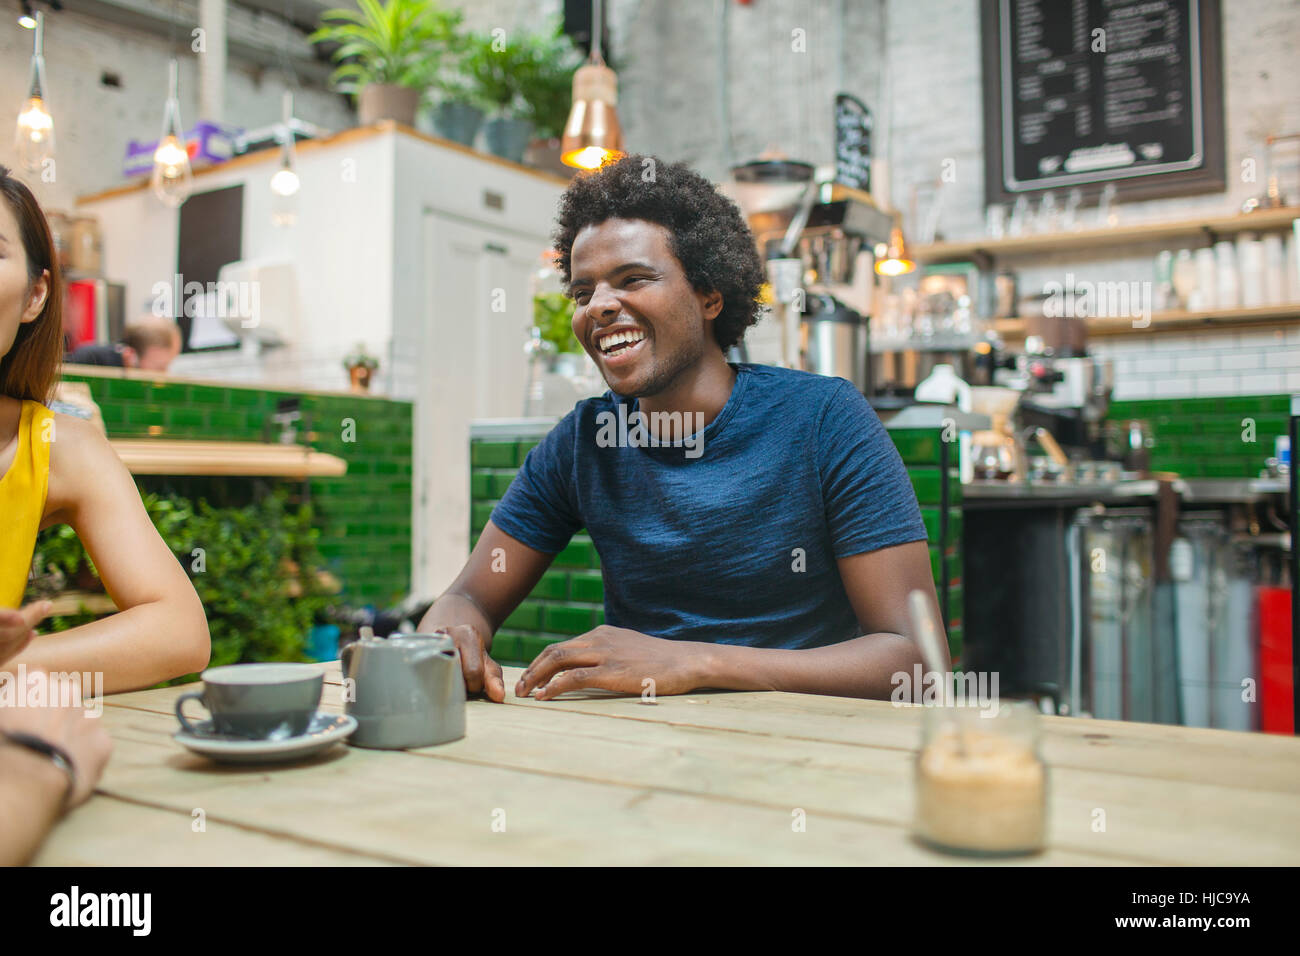 Mujeres y hombres amigos charlando juntos en el café Imagen De Stock